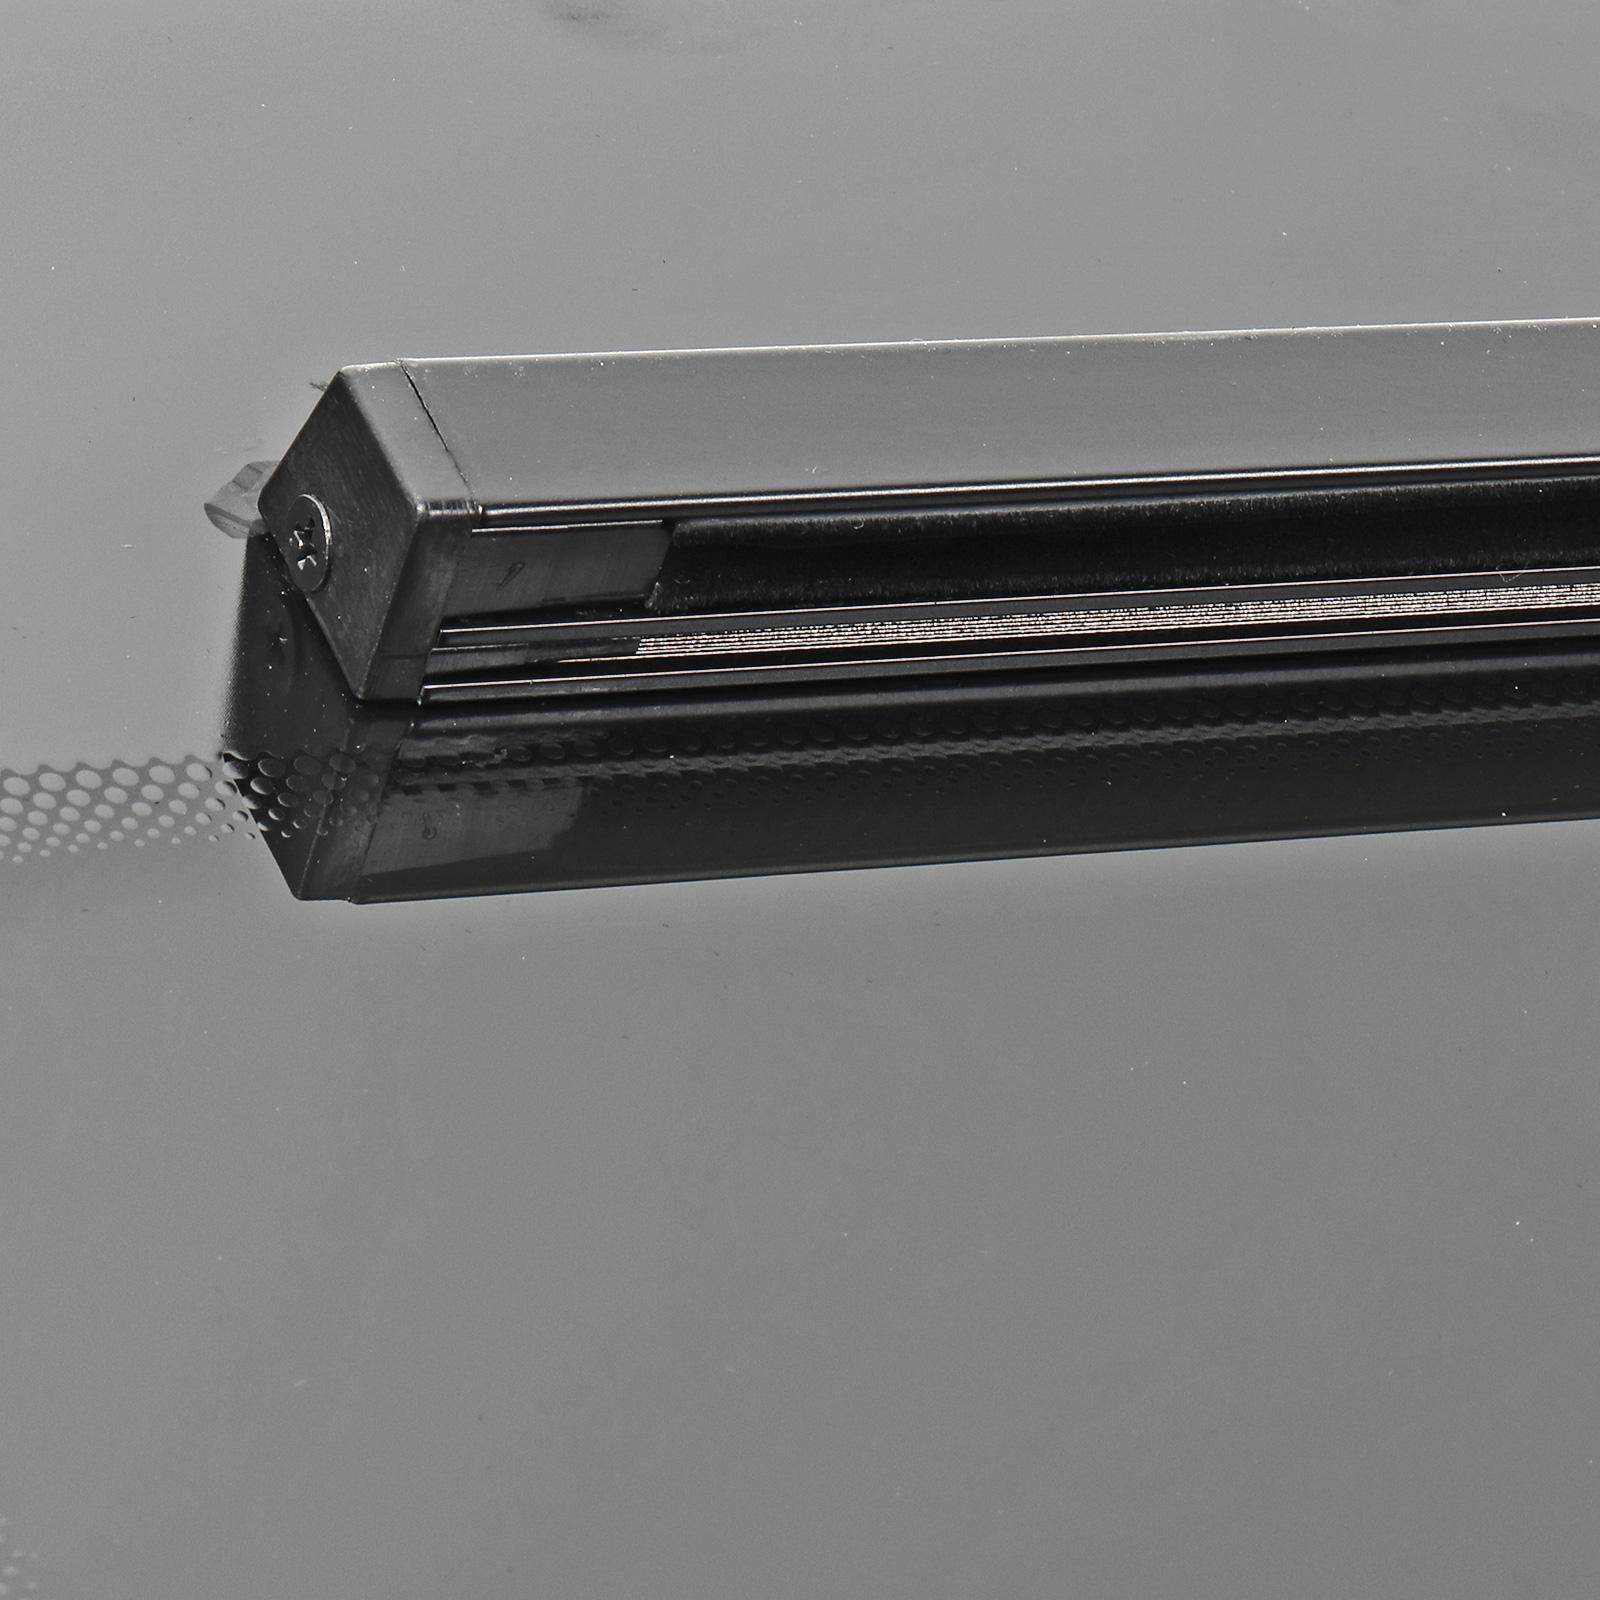 Schiebefenster-Seitenfenster-getoent-rechts-fuer-VW-T5-T6-Echtglas-113x58-cm Indexbild 6